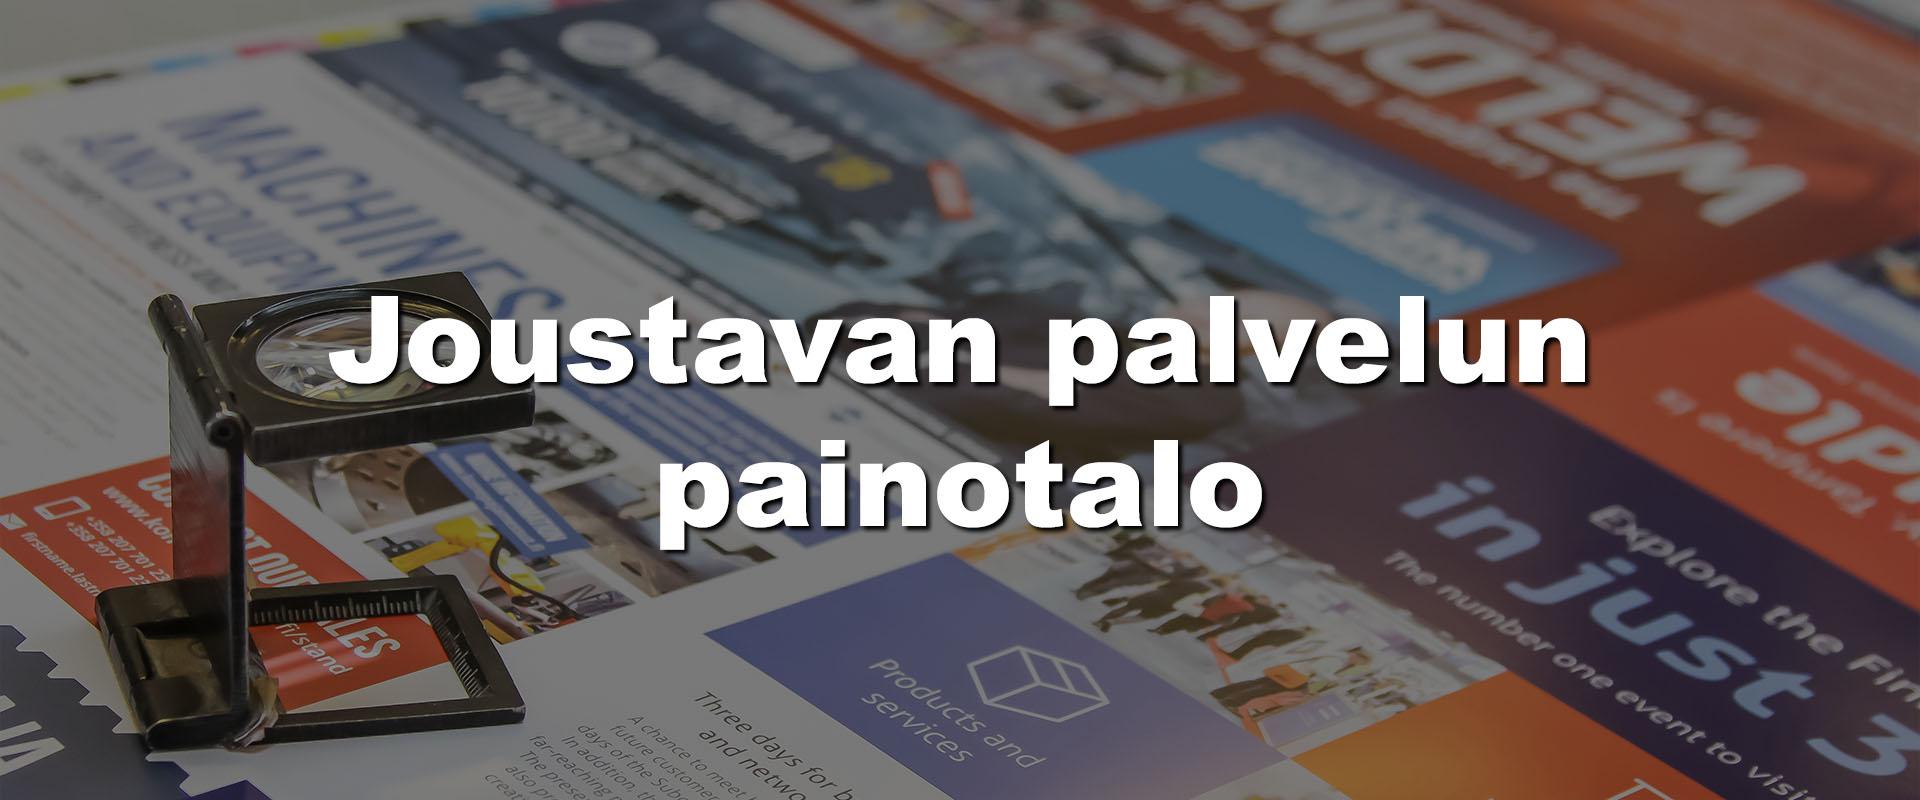 Joustavan palvelun painotalo Tampereella |PK-Paino Oy